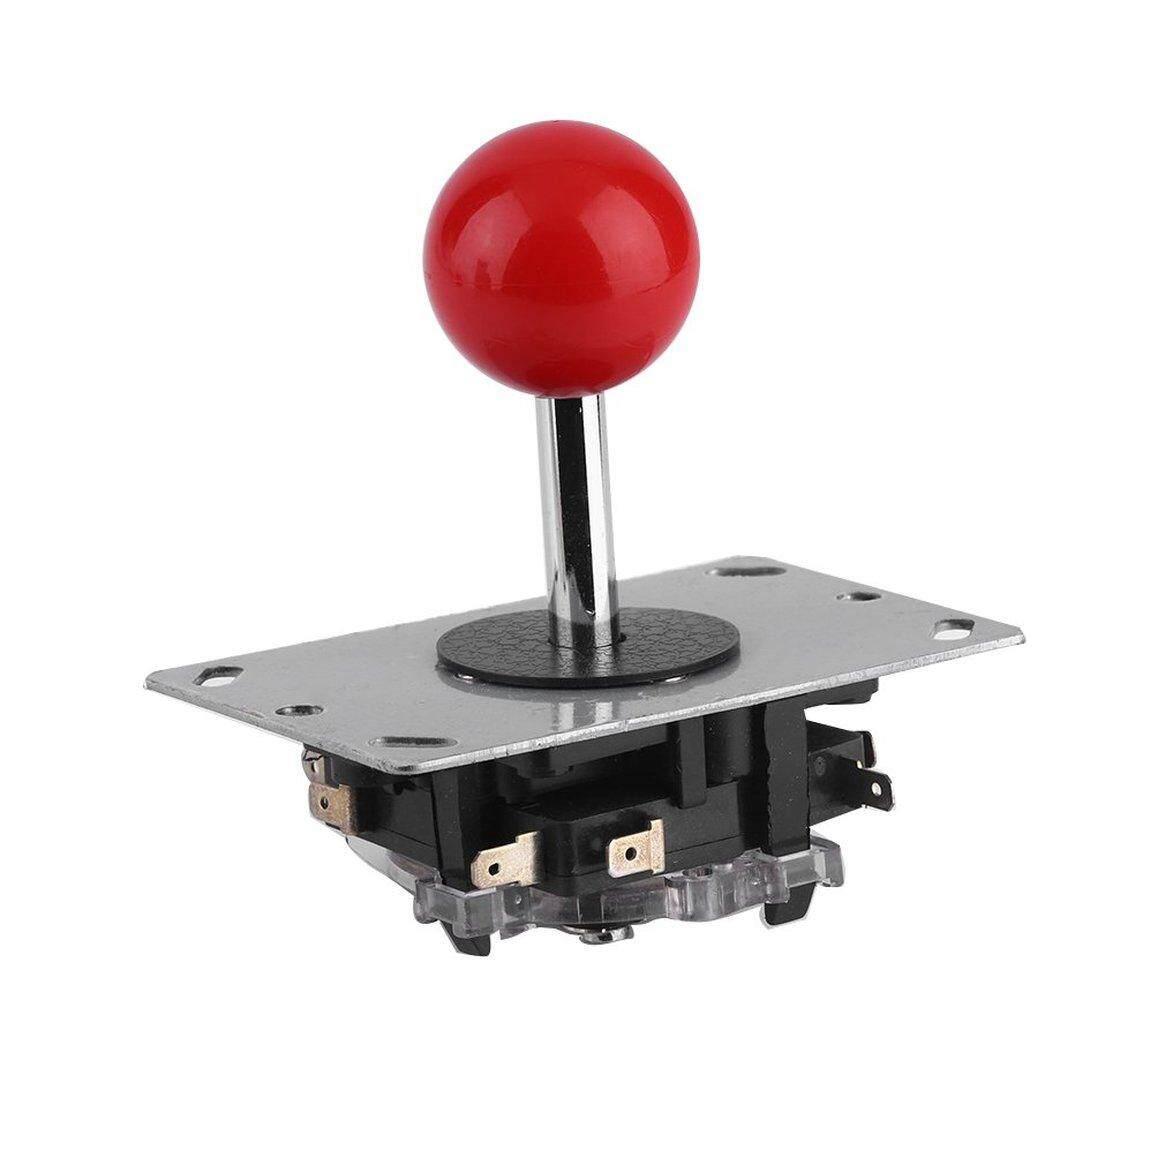 Giá DOIT Cổ Điển 8 cách Chơi Game Joystick Bóng Joy Stick Đỏ Bóng Thay Thế